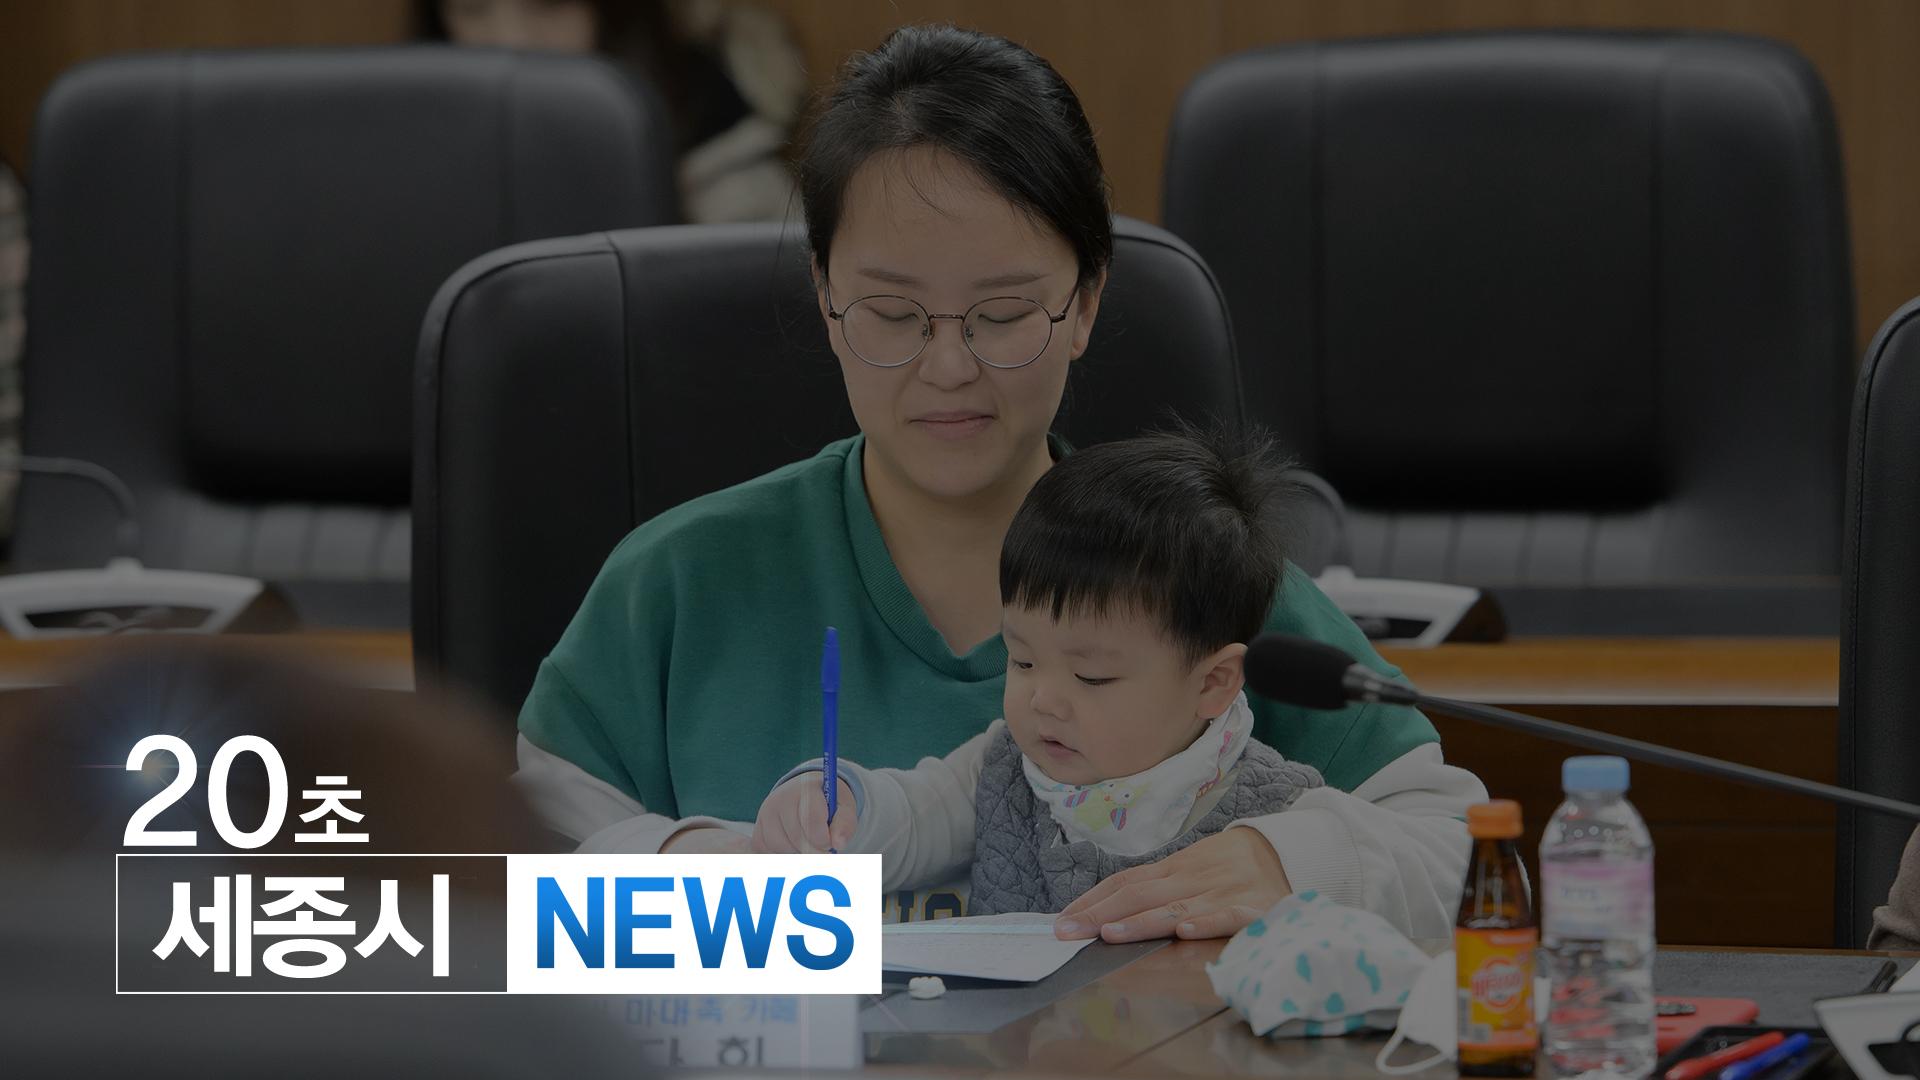 <20초뉴스> 시민주권 미세먼지 대책 17개 과제 집중 추진